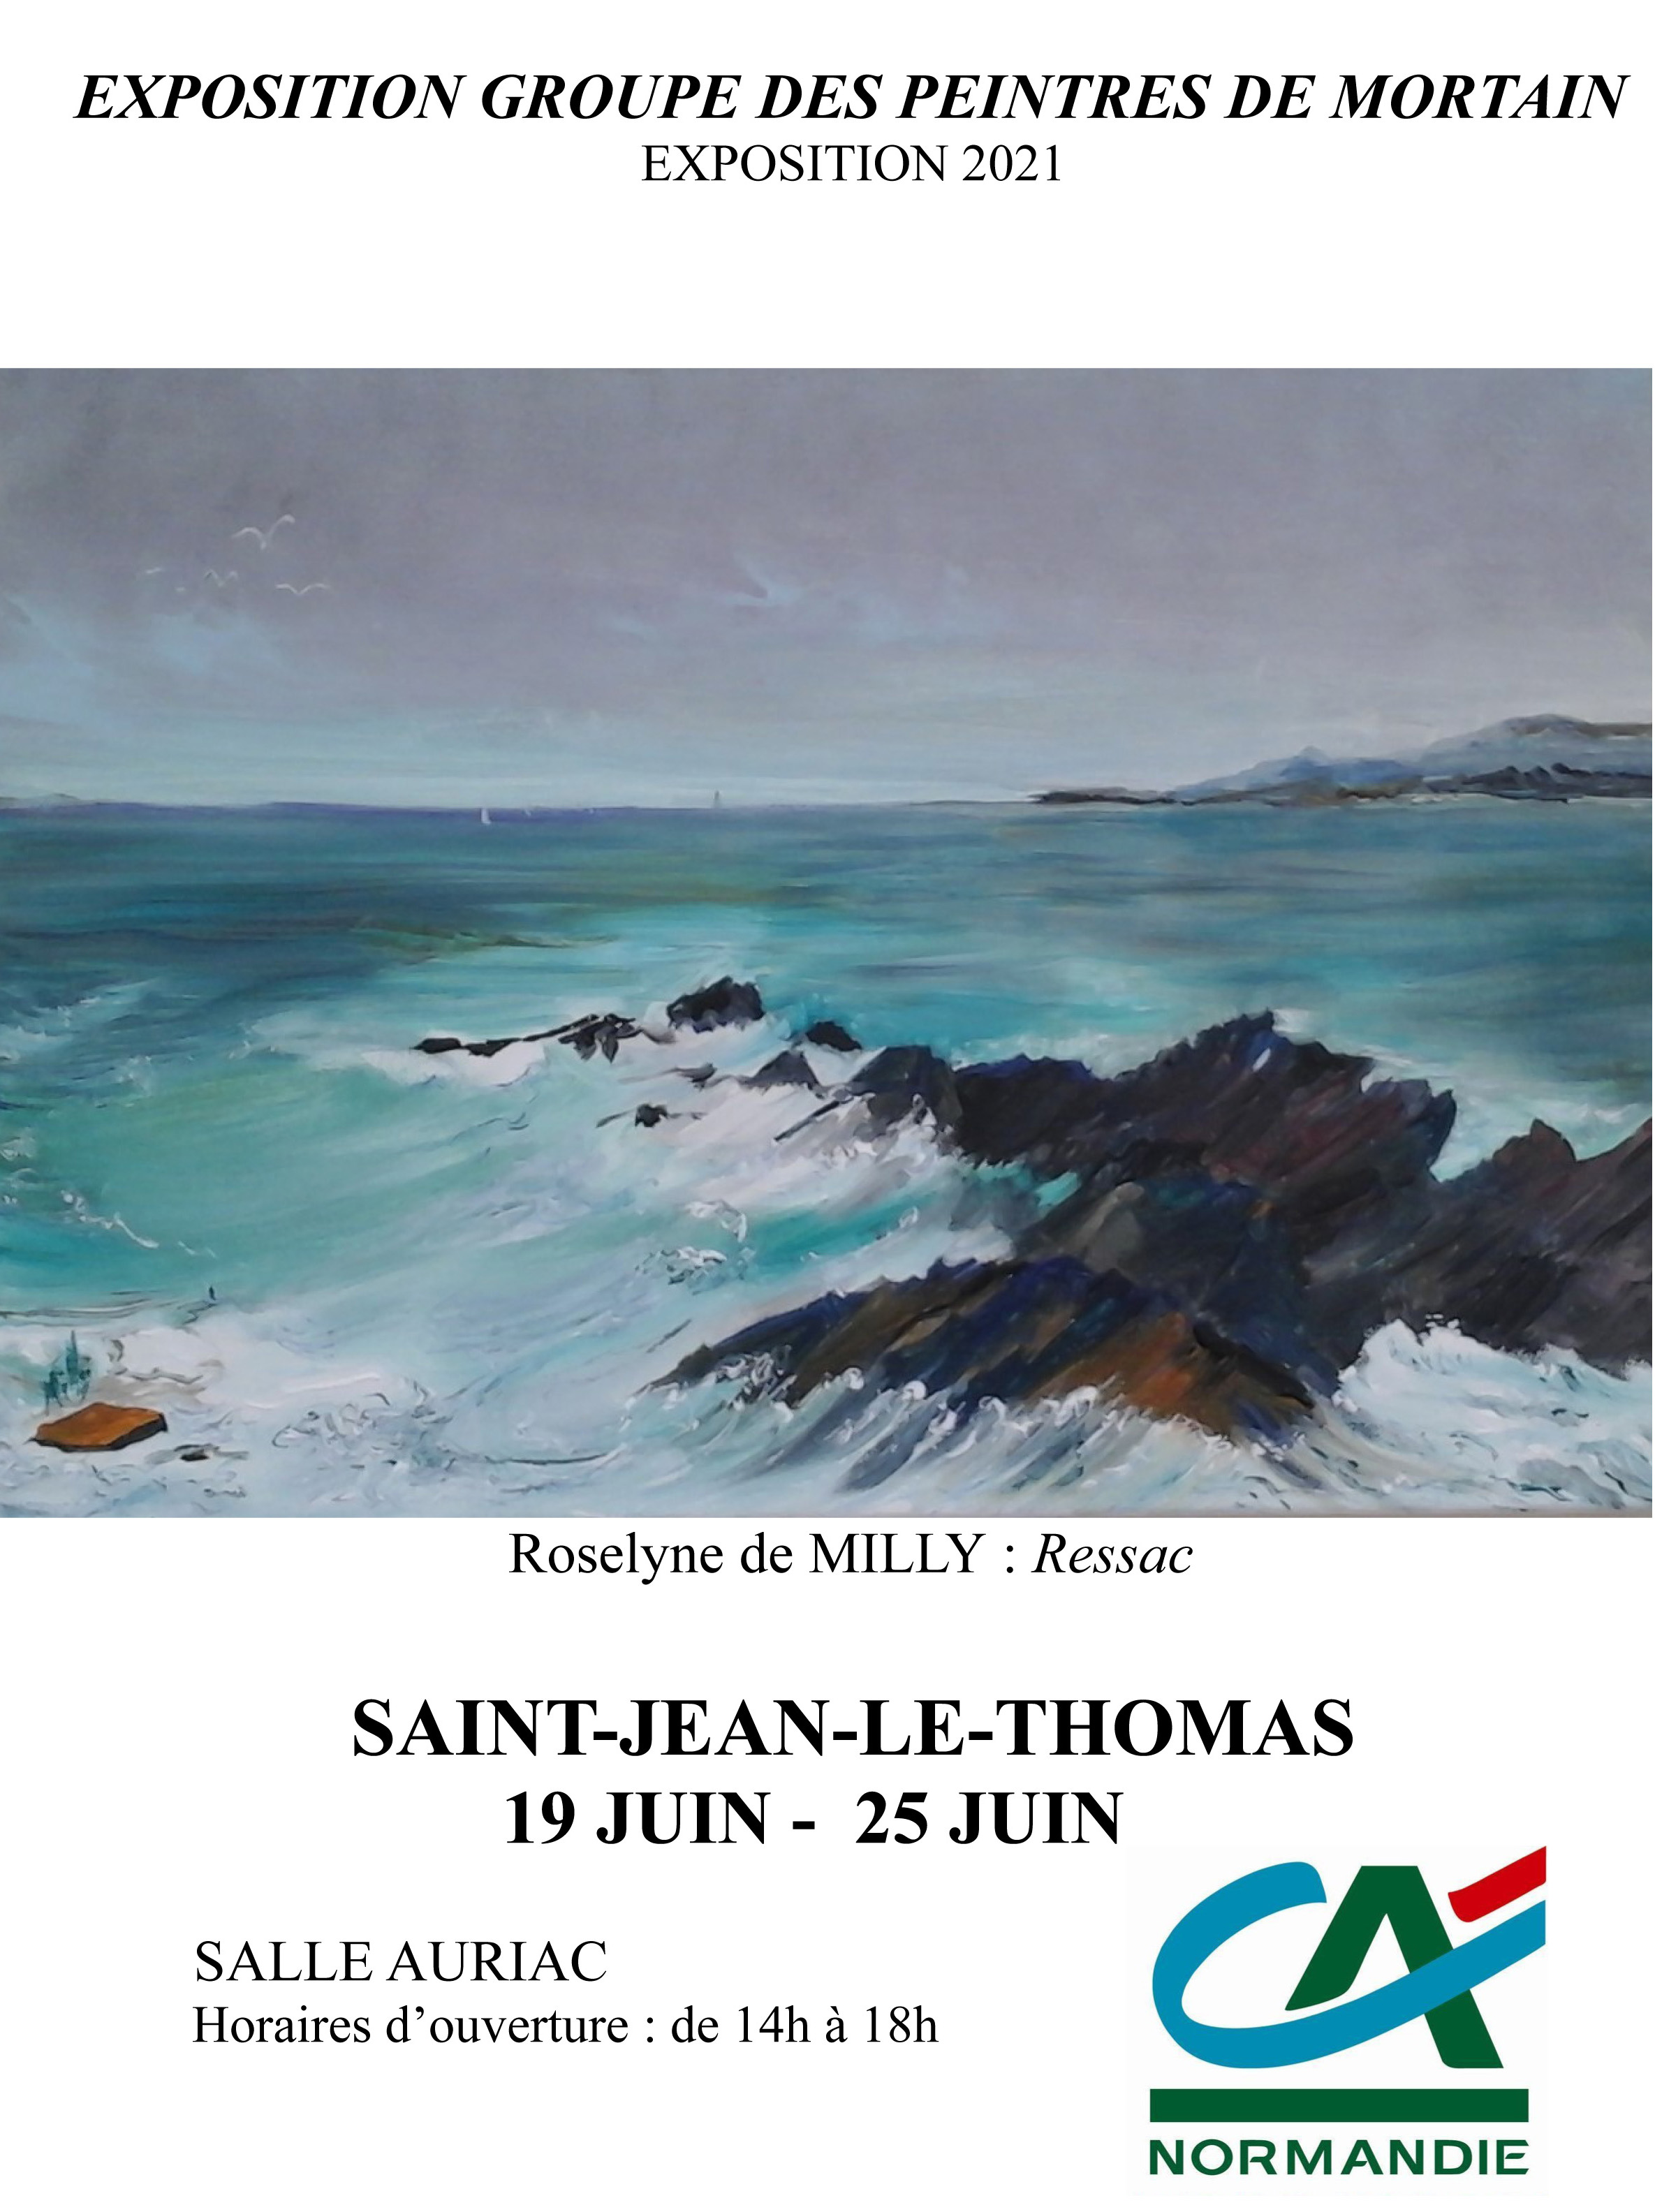 Peinture & Poésie à Saint-Jean-le-Thomas